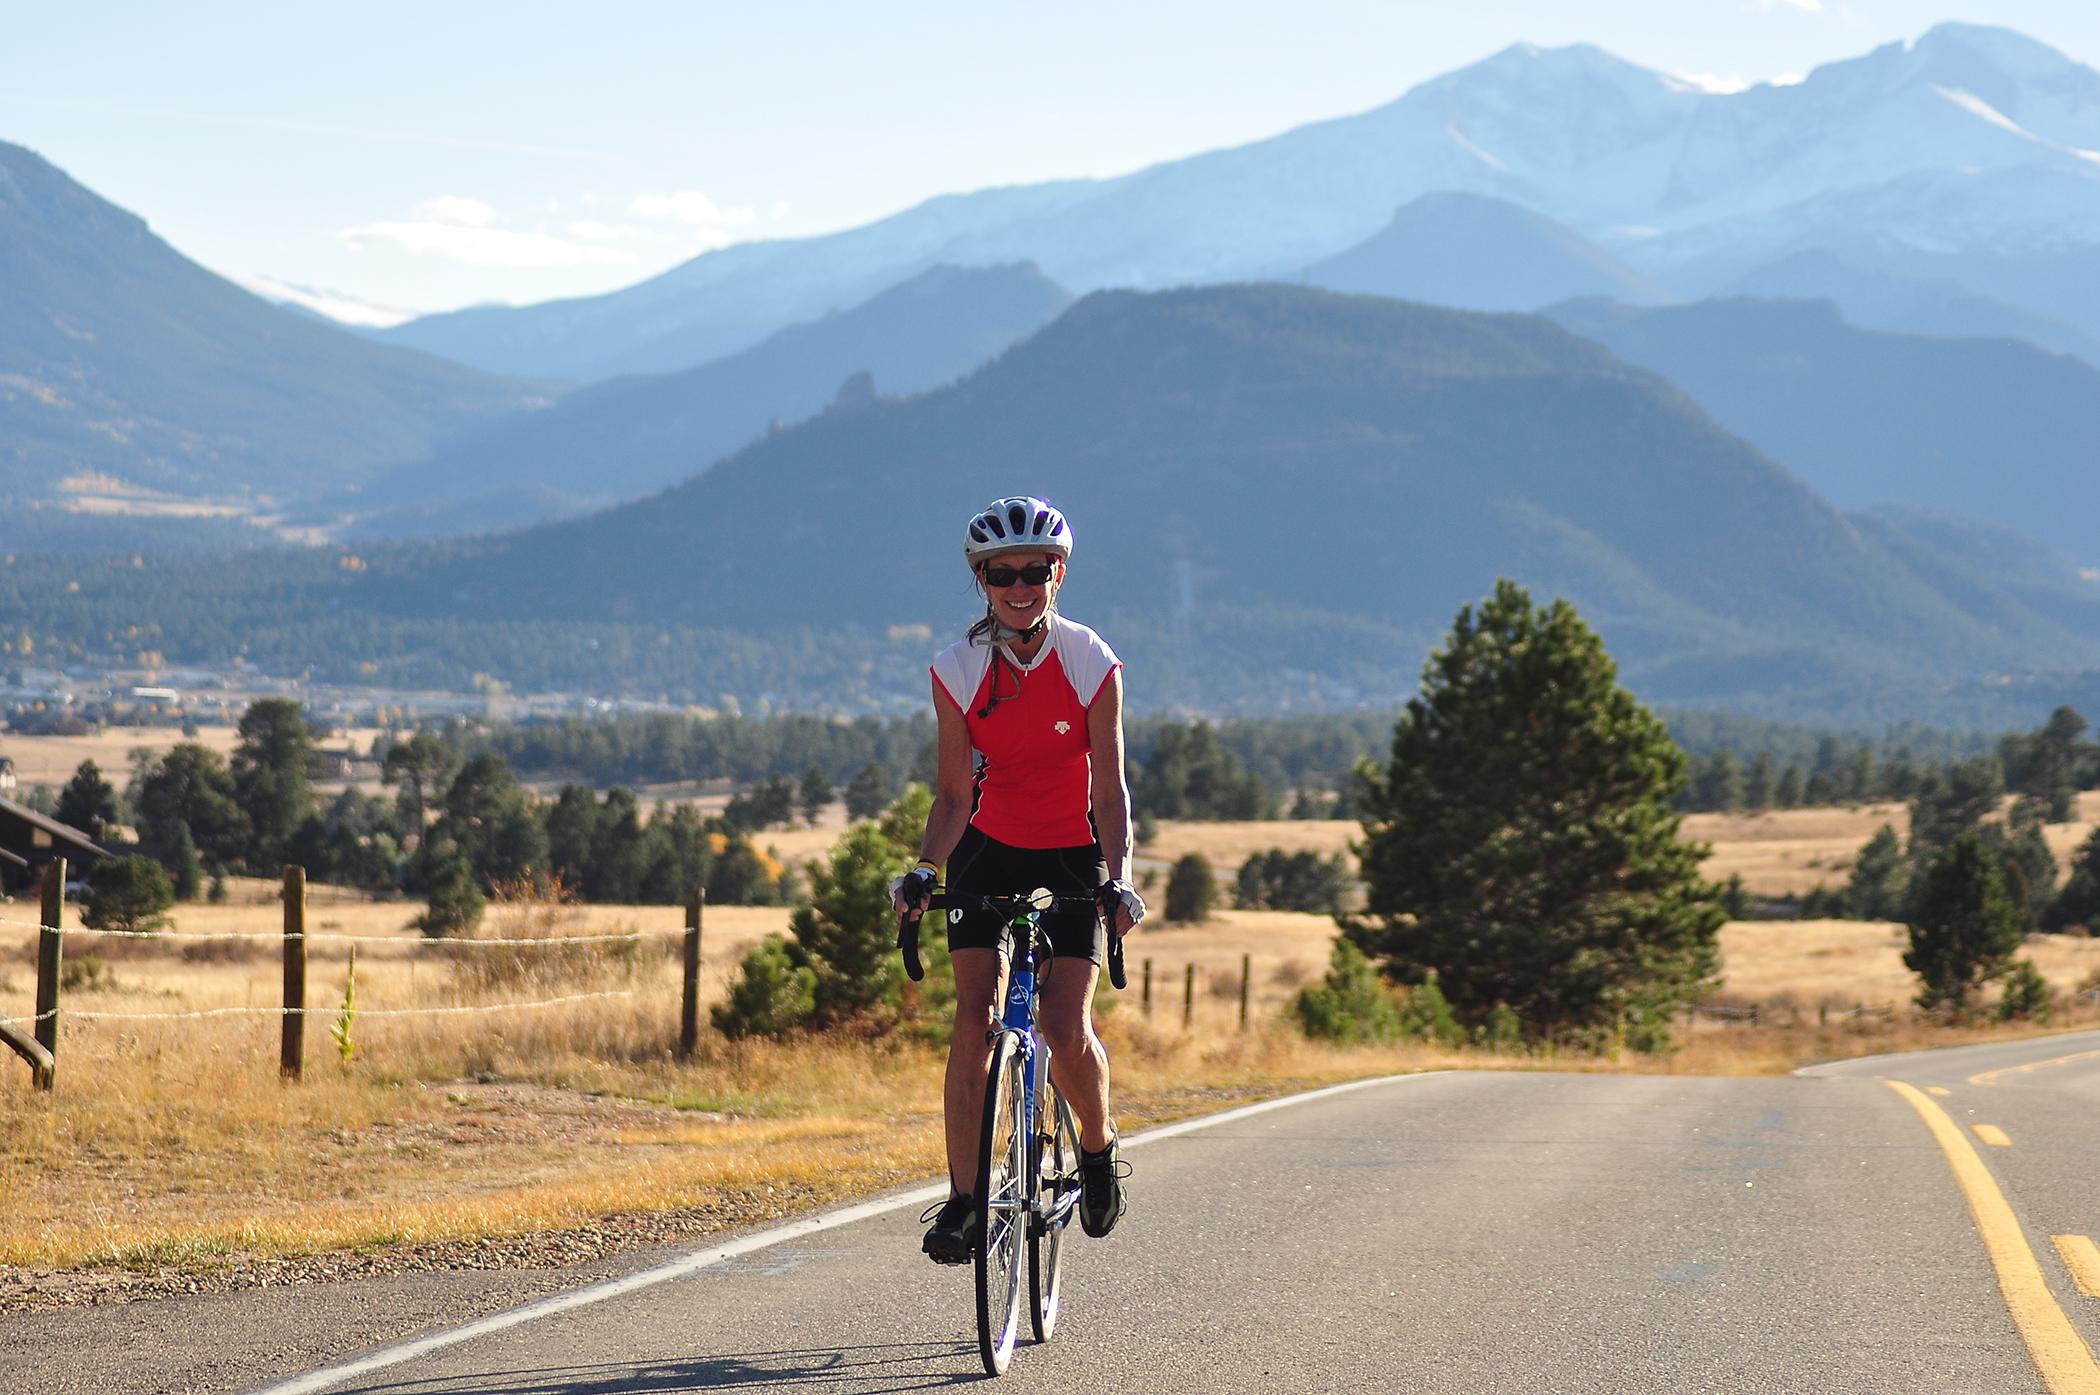 female road biker on mountain road